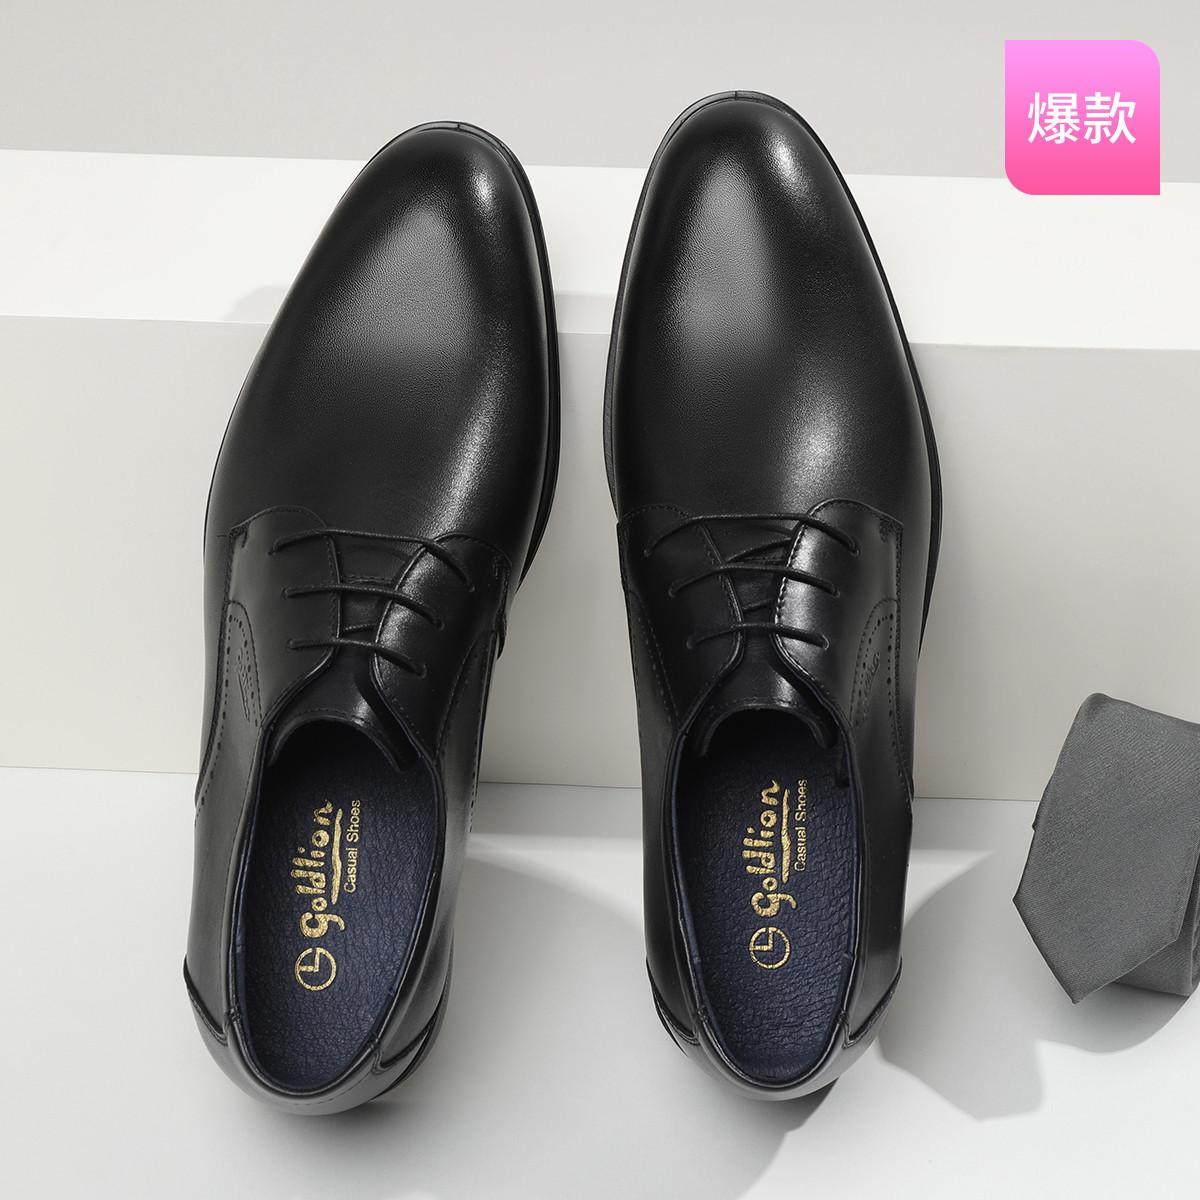 男鞋男士商务休闲皮鞋正装男士皮鞋英伦德比鞋